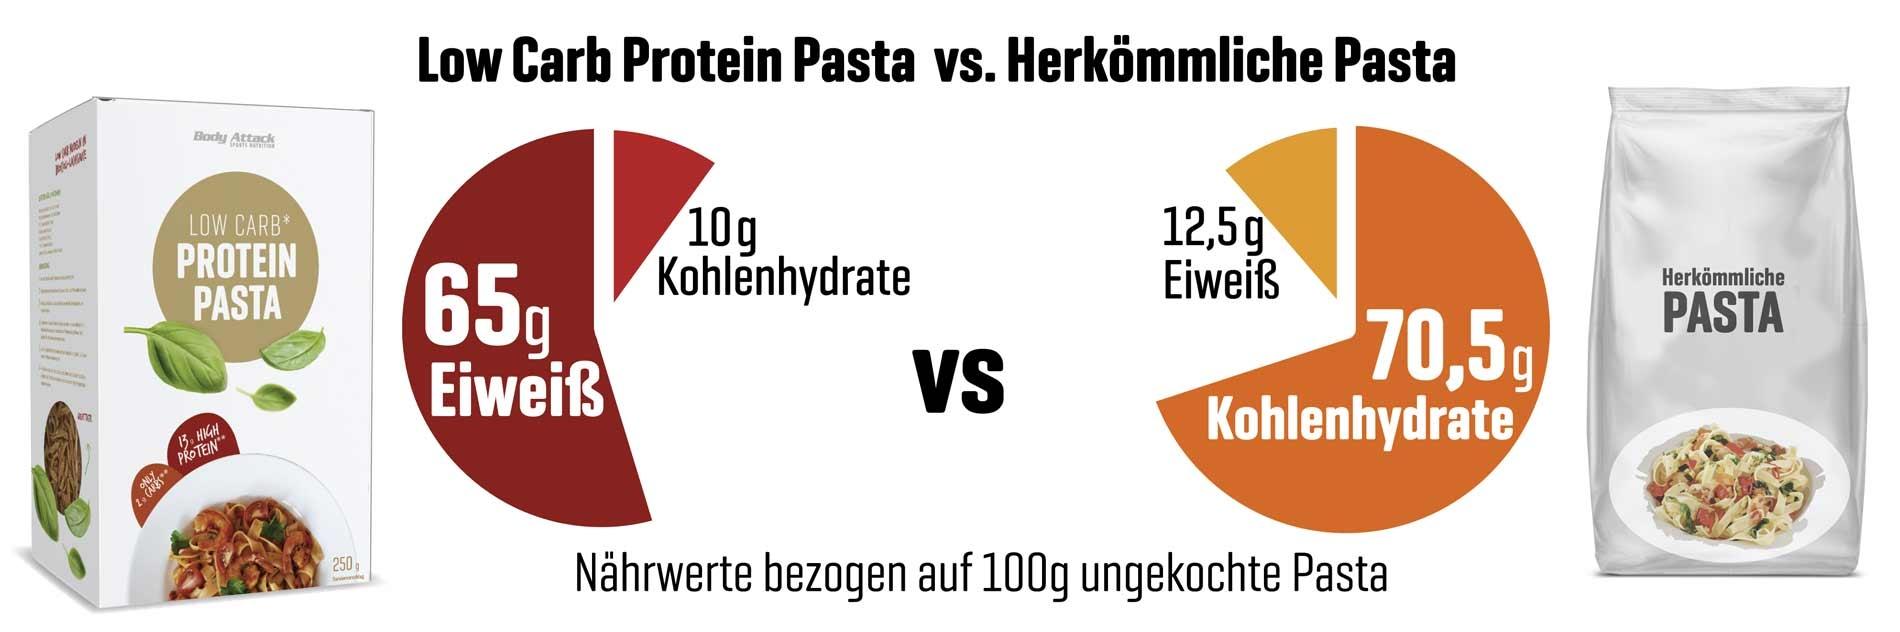 Low Carb Pasta enthält wenige Kohlenhydrate für Diät und Low Carb Ernährung